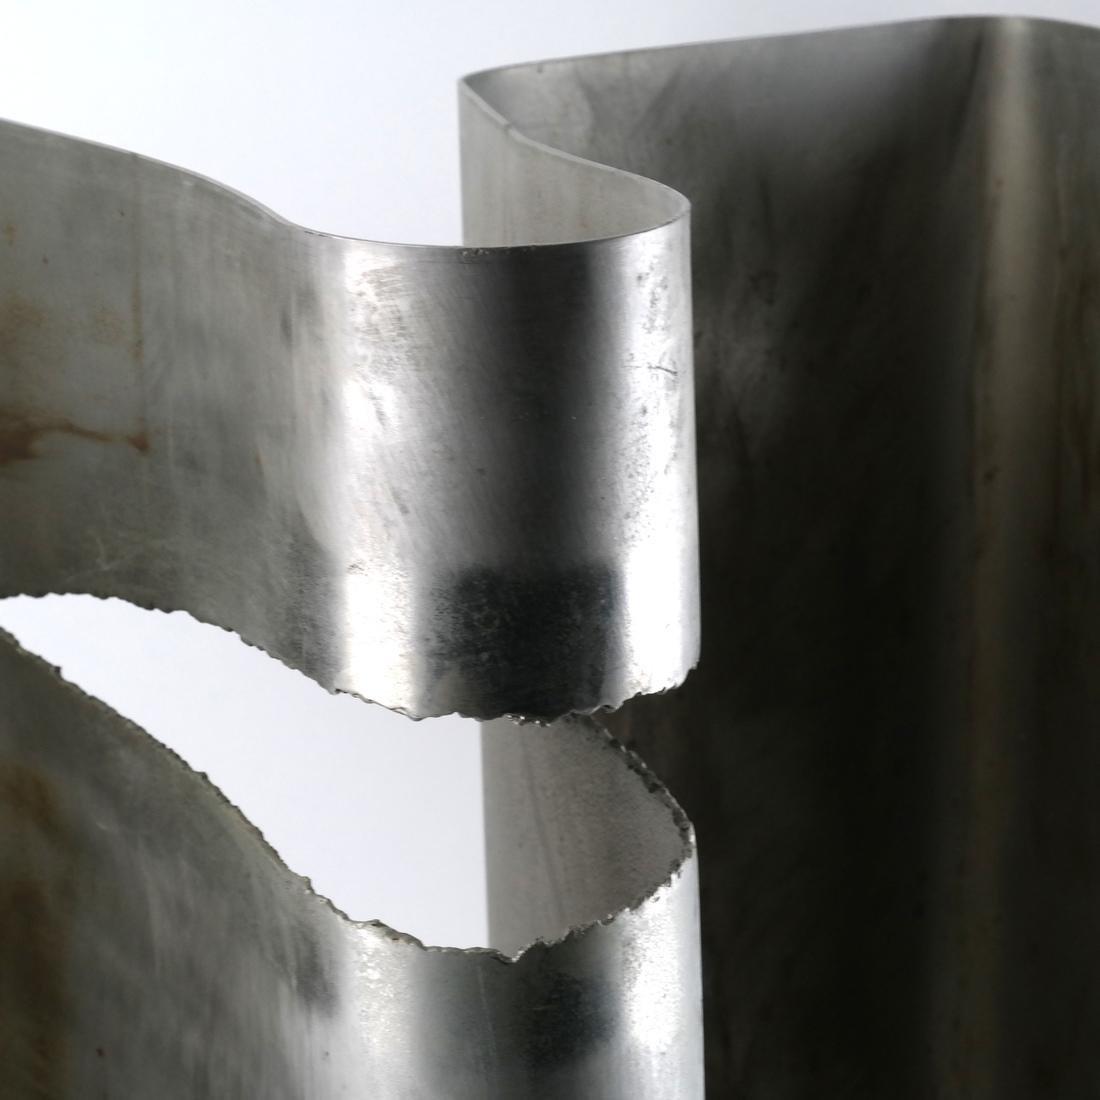 Lila Katzen Steel Sculpture - 2